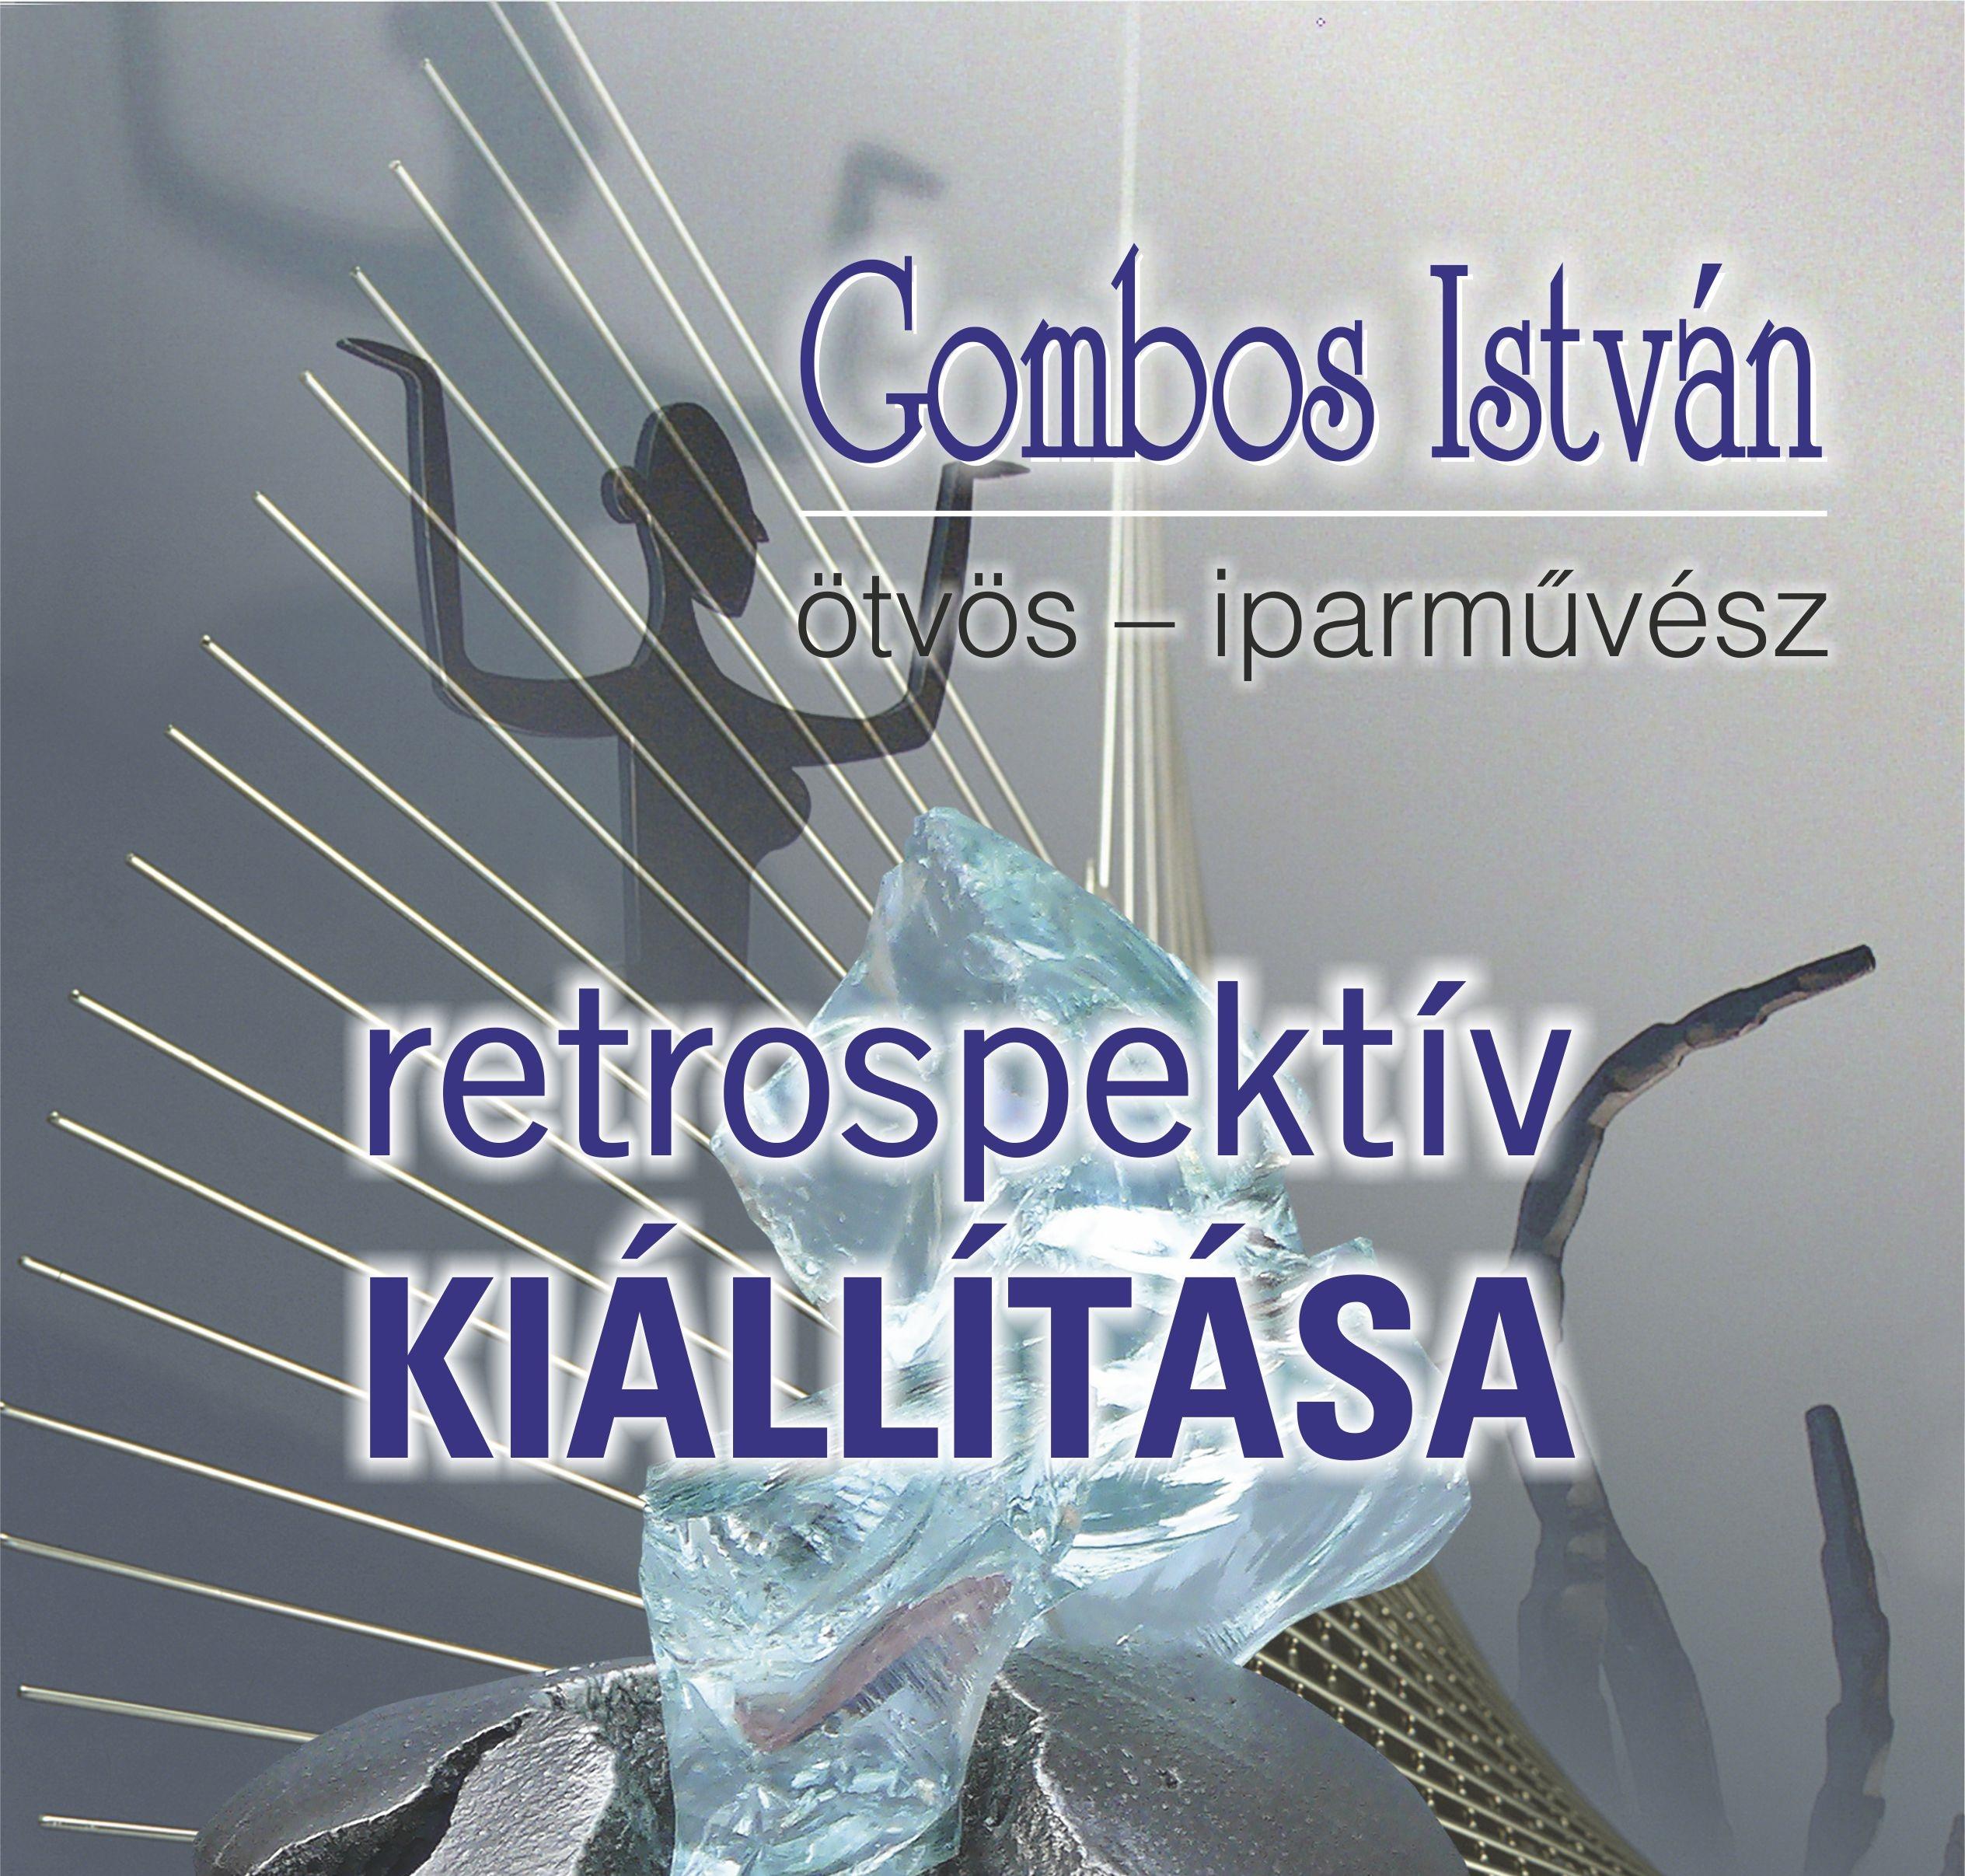 Gombos István retrospektív-életmű kiállítása